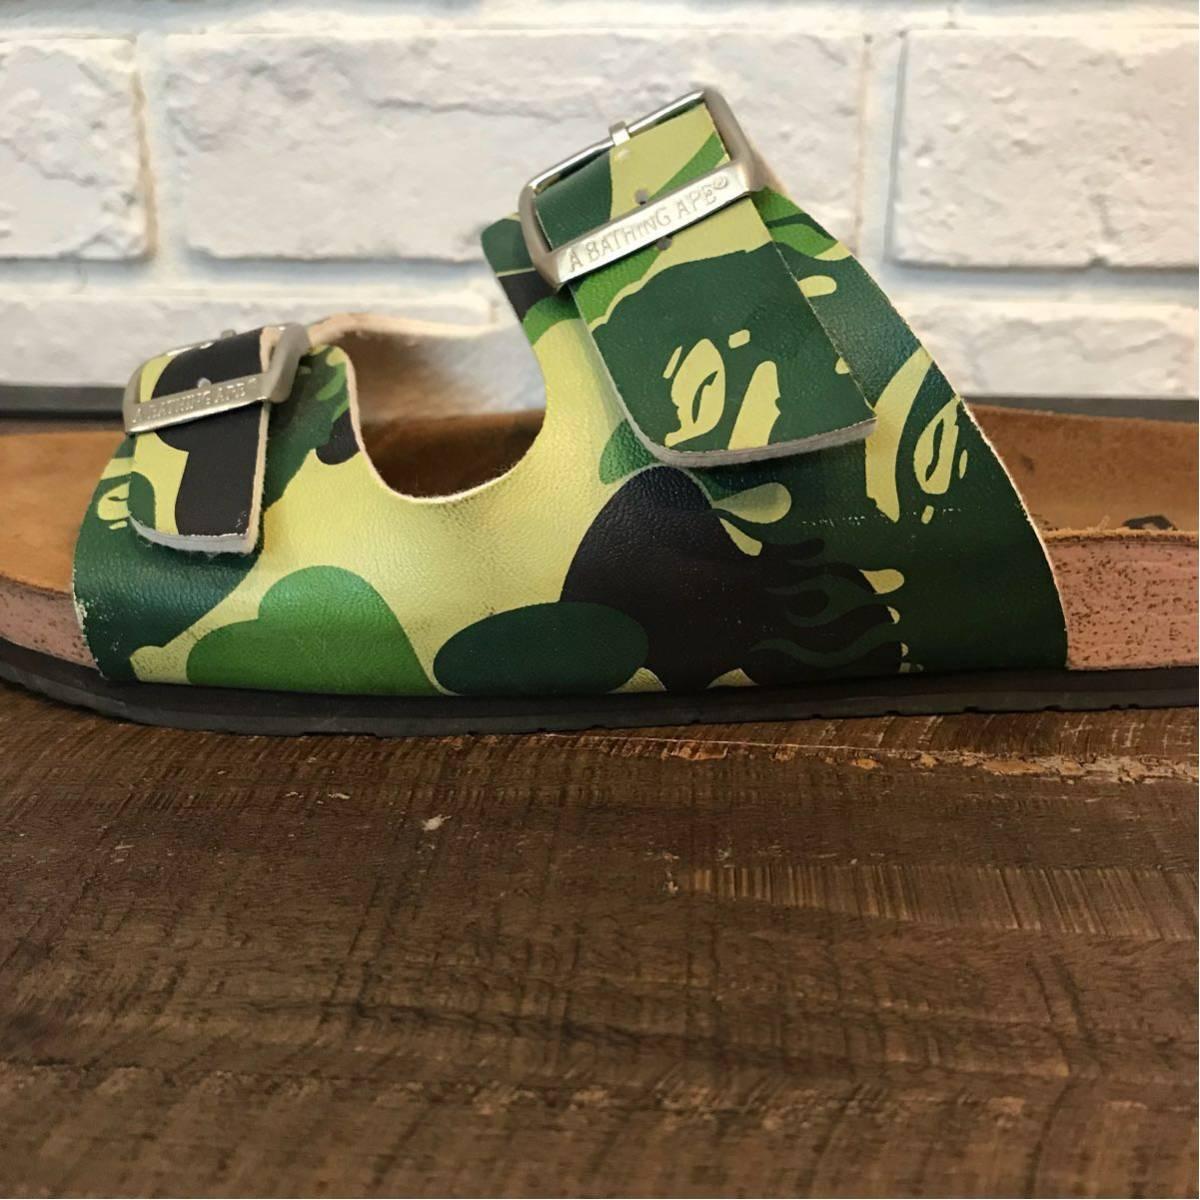 ★ムック限定★ fire camo サンダル a bathing ape bape sandals エイプ ベイプ アベイシングエイプ ファイヤーカモ mook book limited